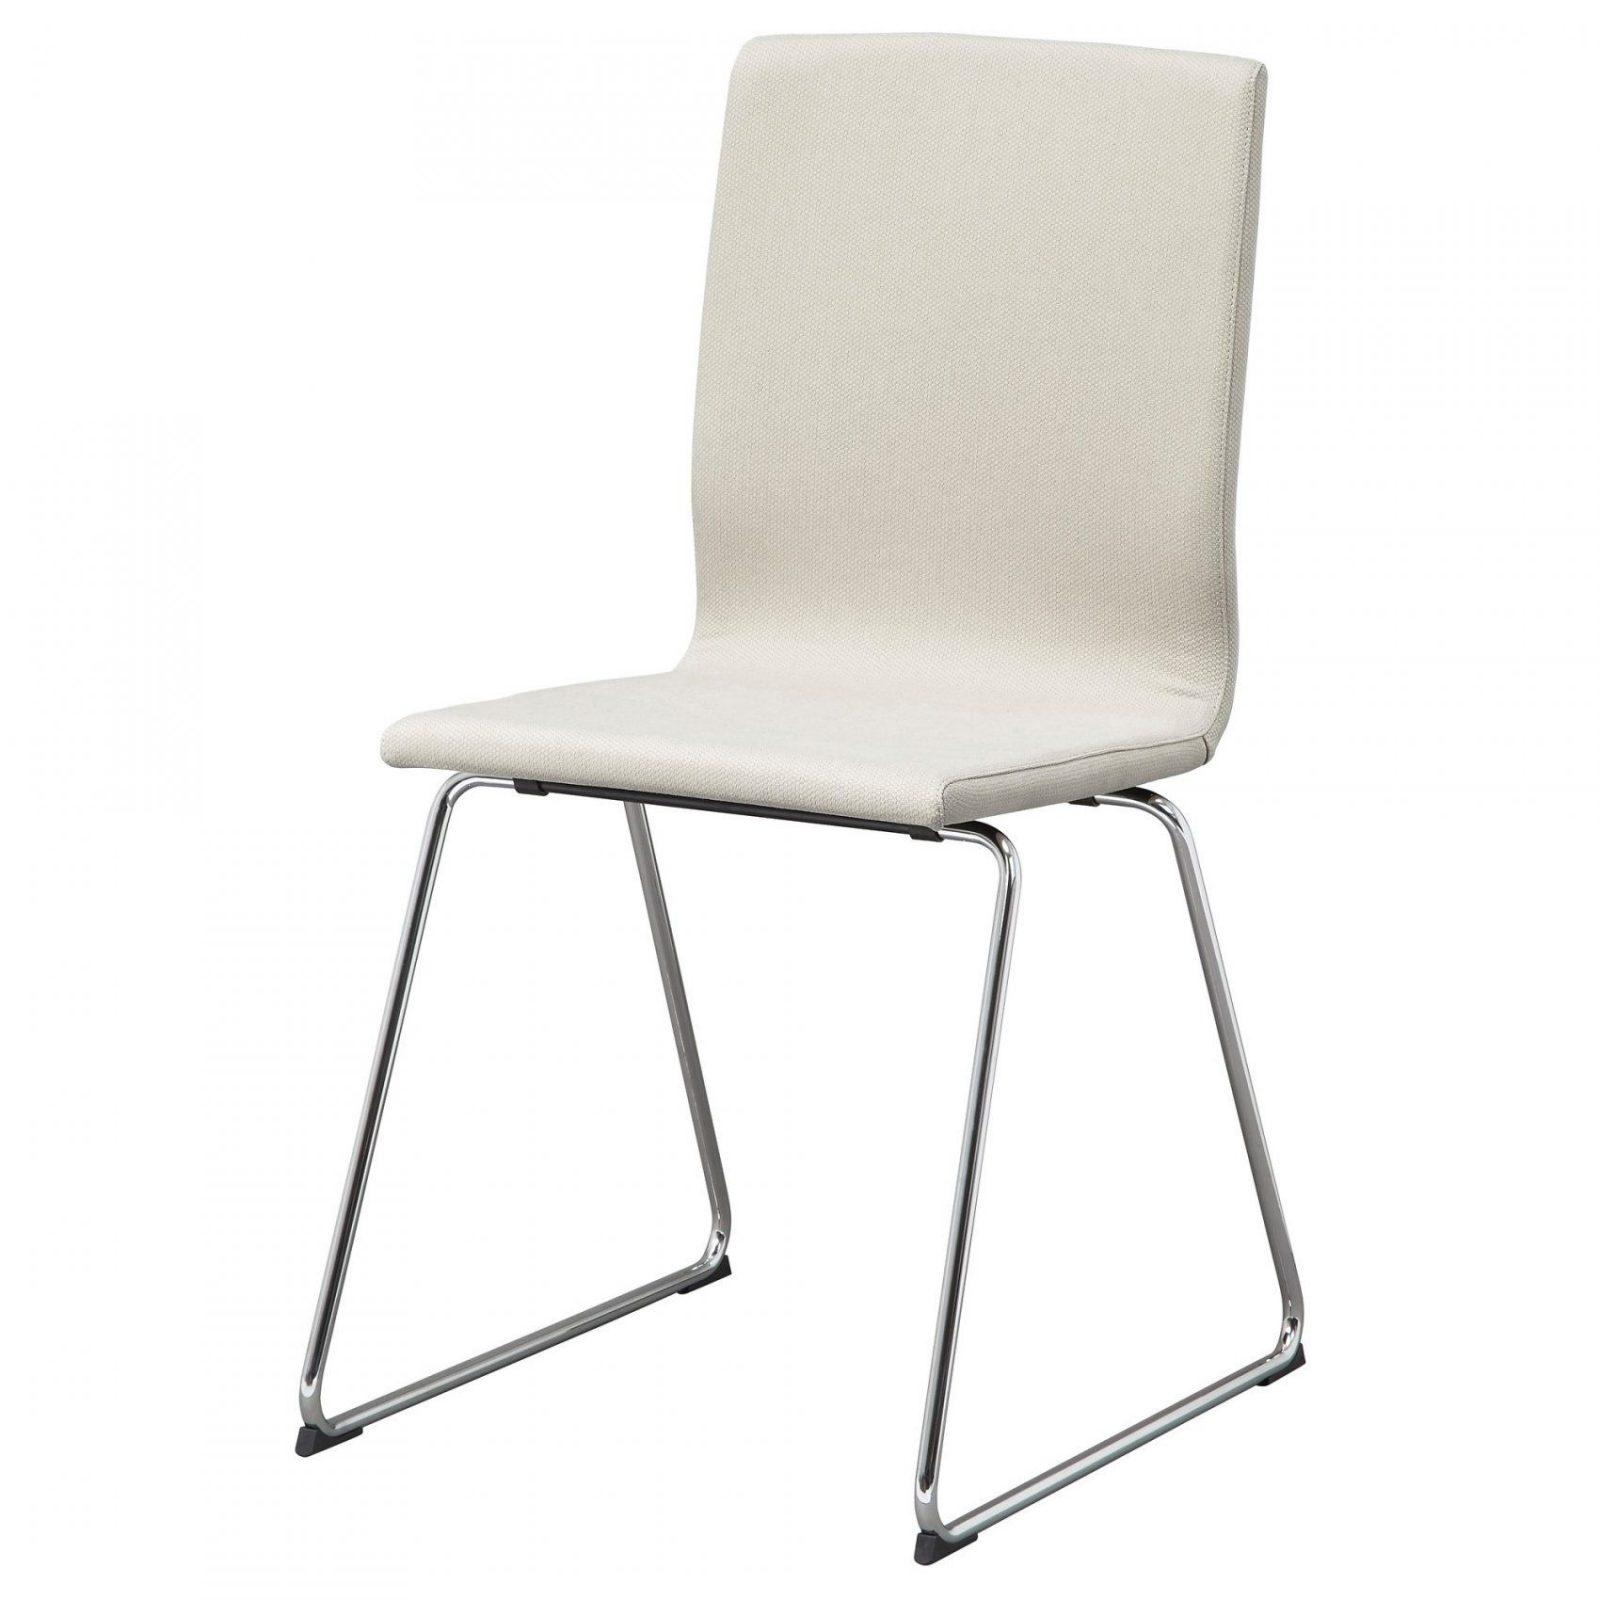 Esszimmer Ideen Entzückend Esszimmerstühle Ikea Design Zauberhaft von Ikea Stühle Mit Armlehne Photo